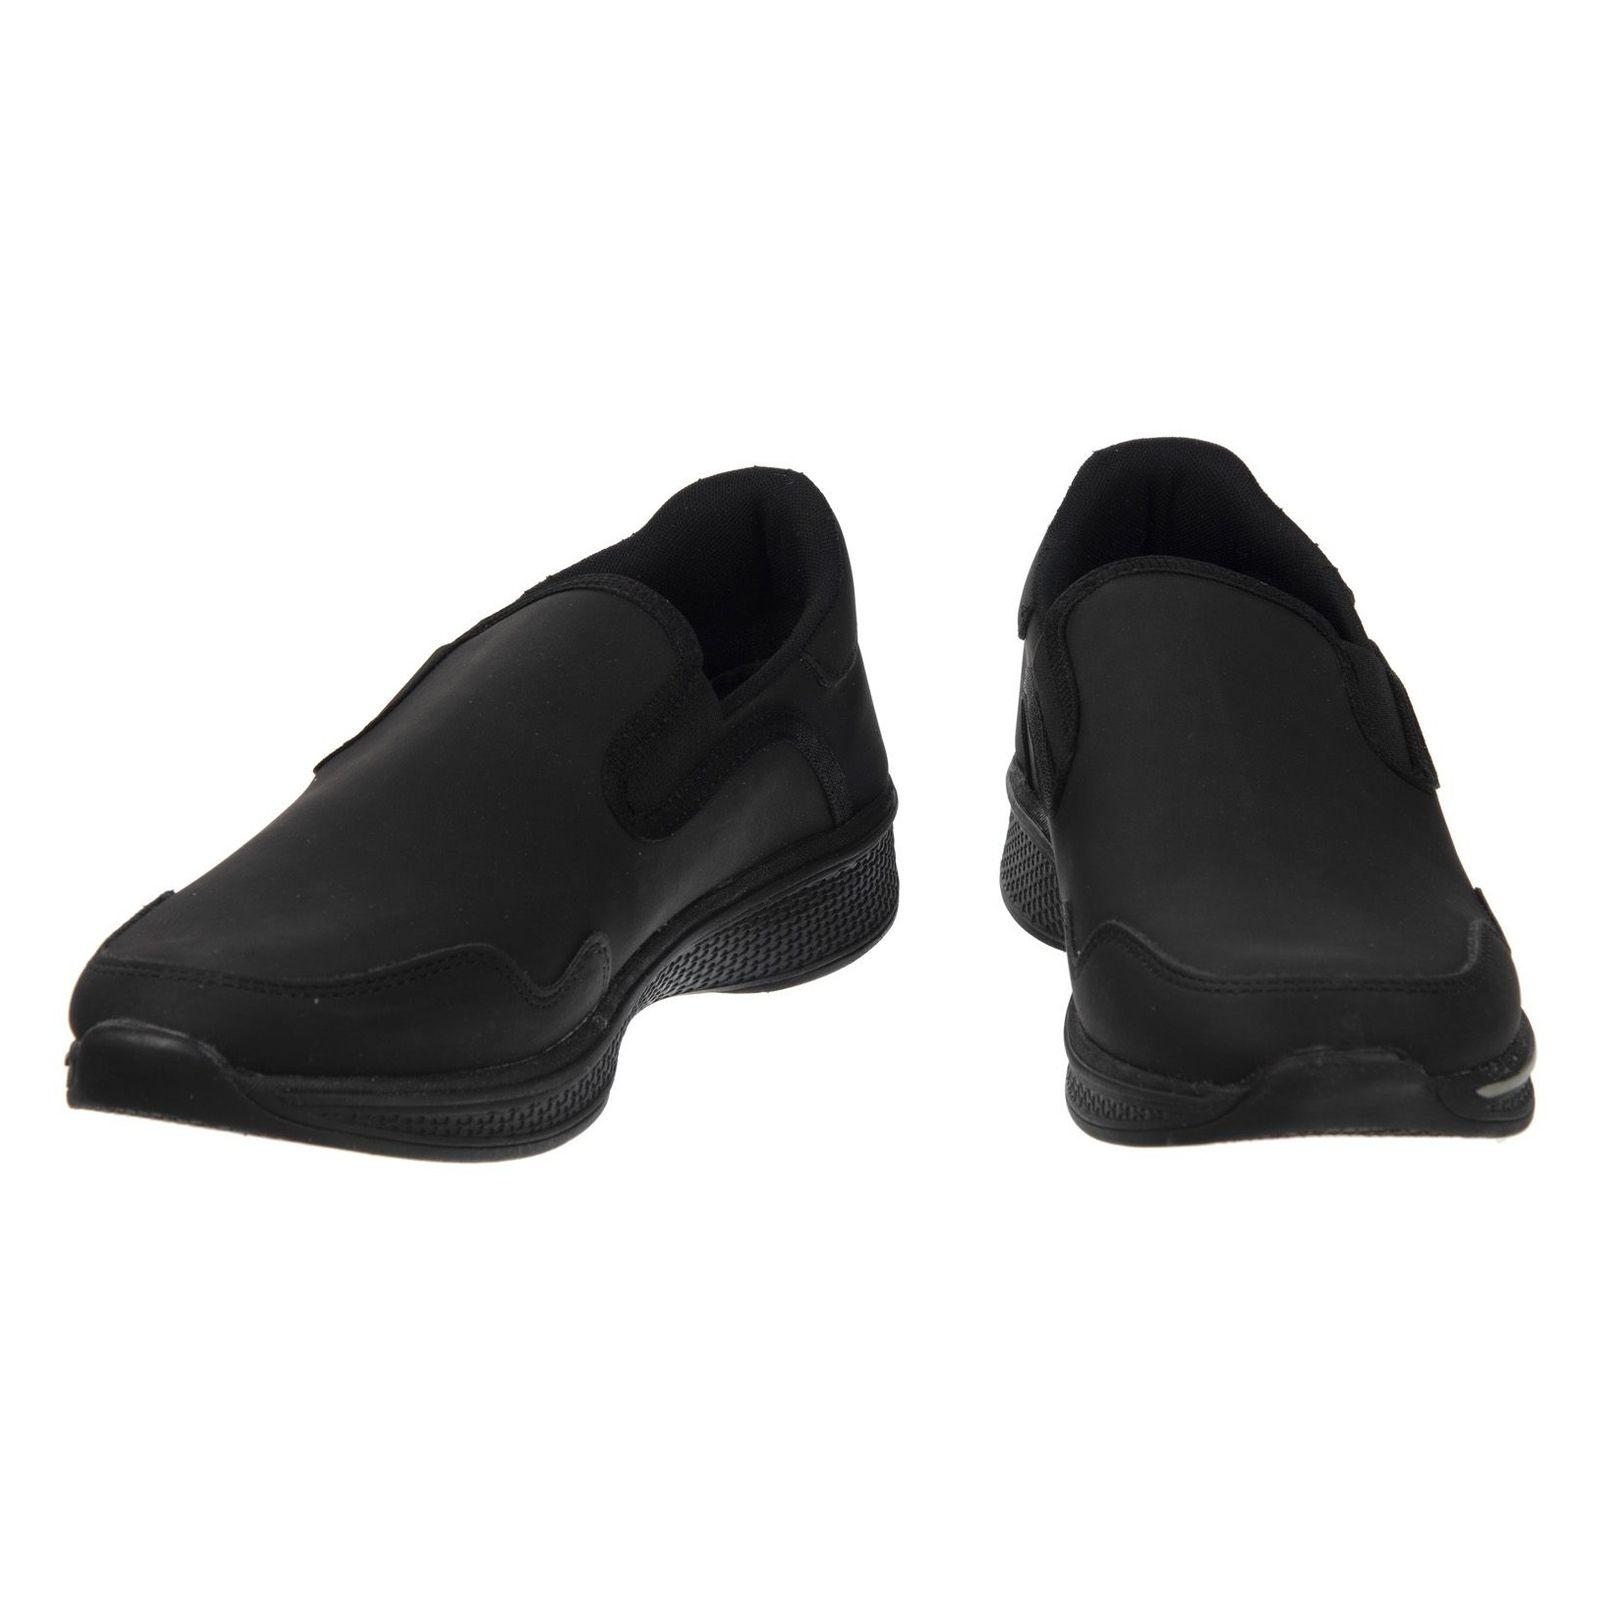 کفش زنانه مل اند موژ مدل W4301-1 main 1 5